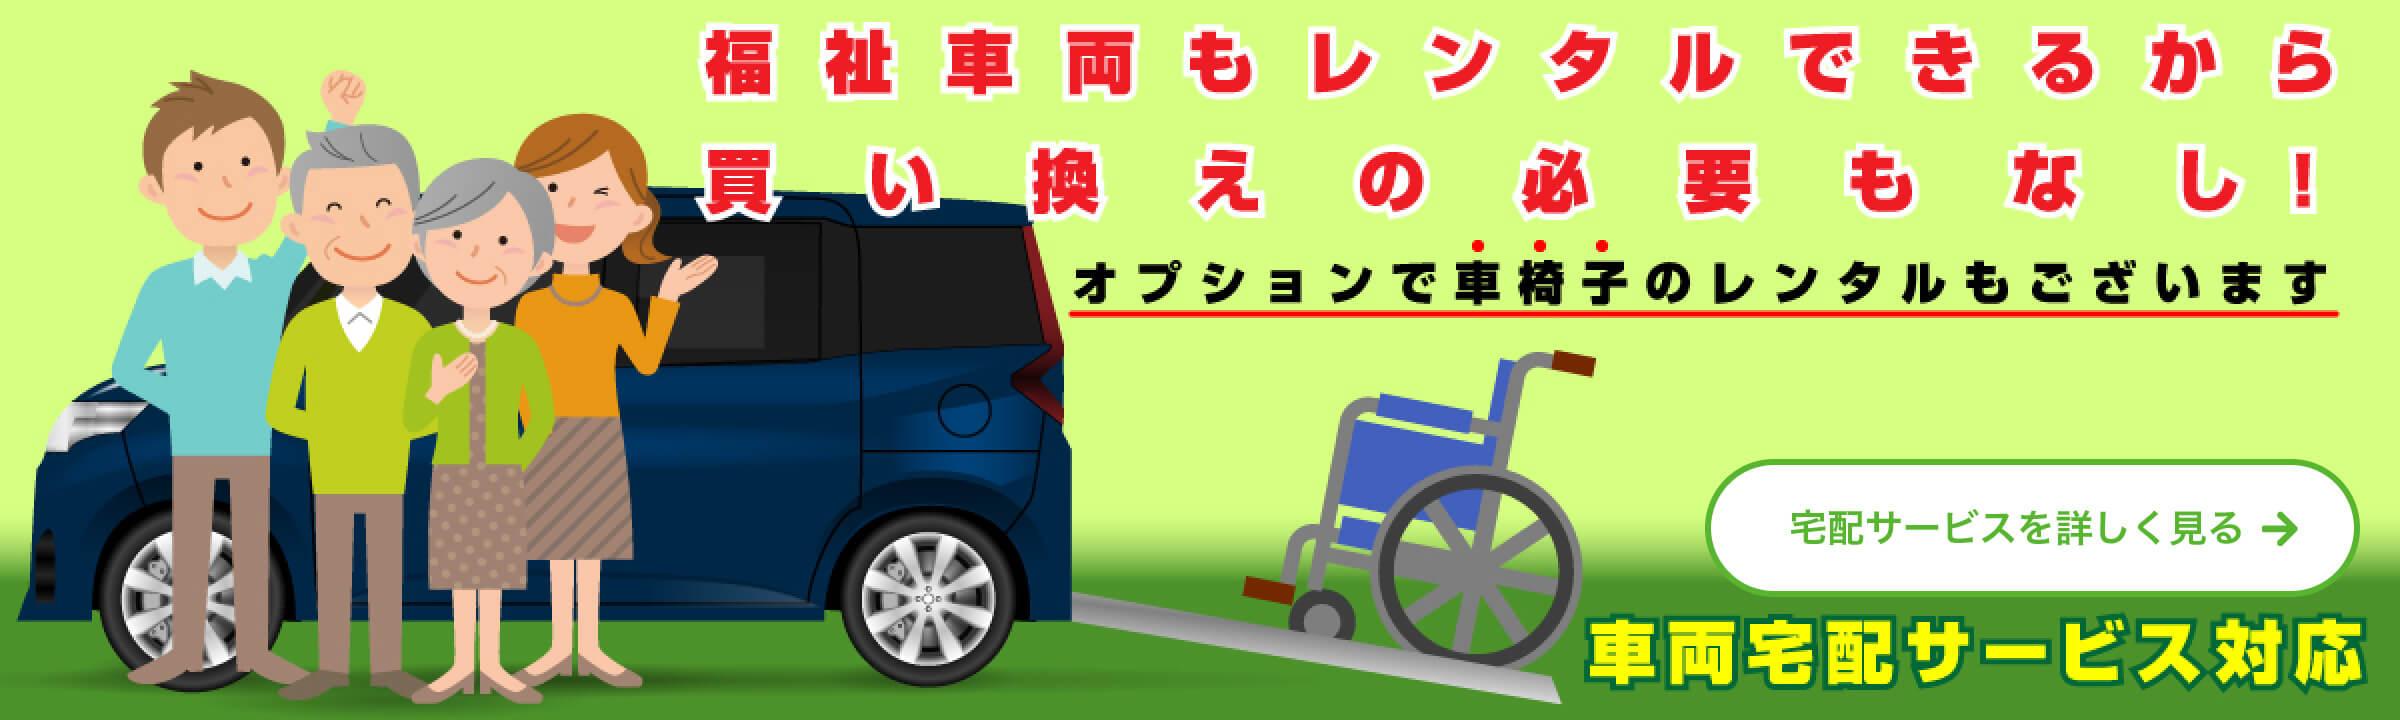 福祉車両もレンタル